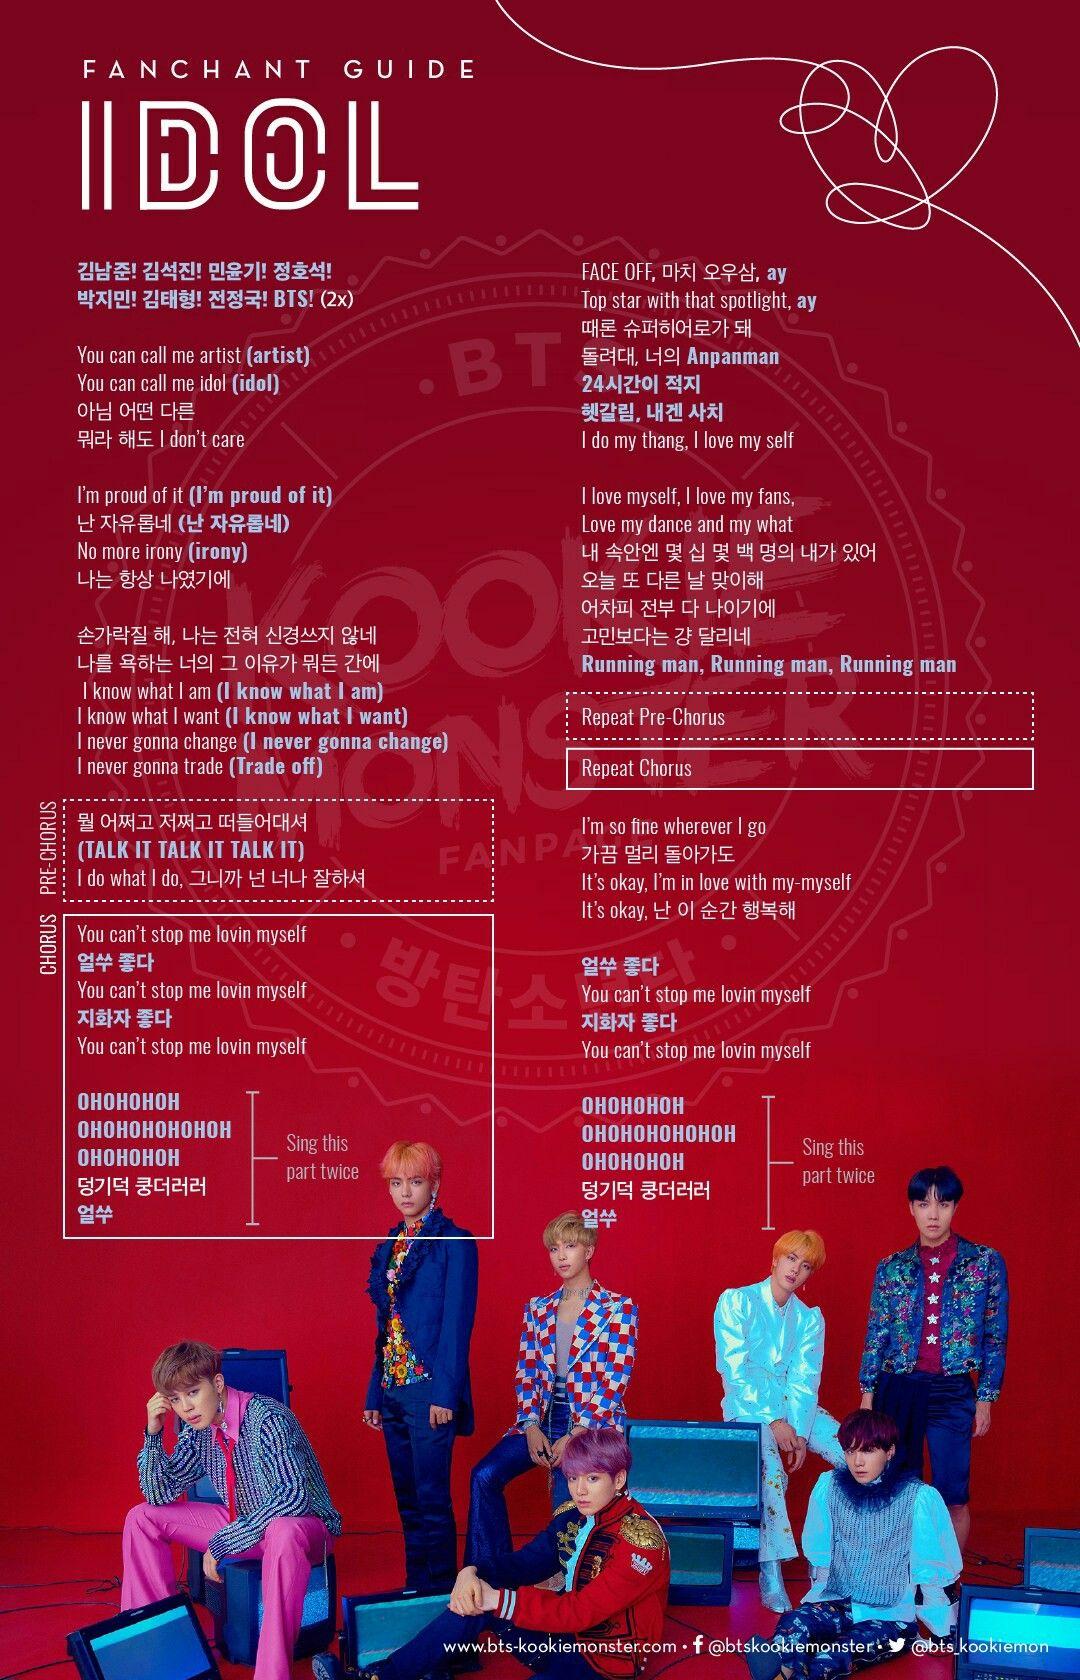 Idol Bts Fanchant Hangul Bts Letra Frases De Letras De Canciones Lyrics Letras De Canciones